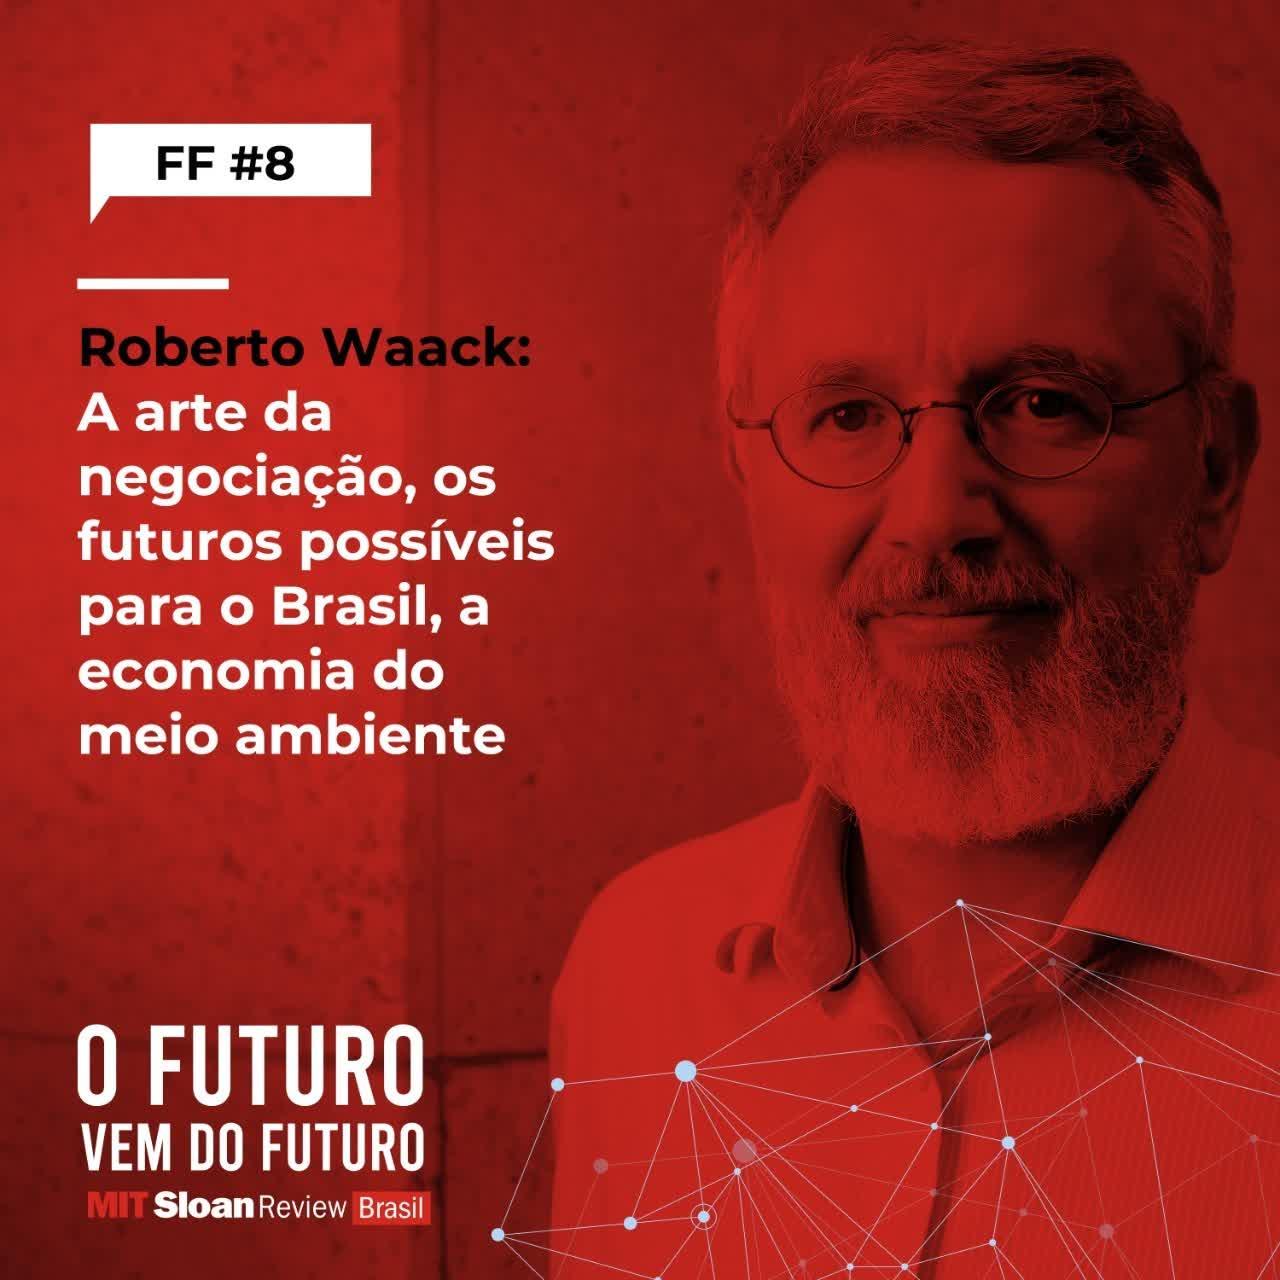 #8 - Roberto Waack: A arte da negociação, os futuros possíveis para o Brasil, a economia do meio ambiente